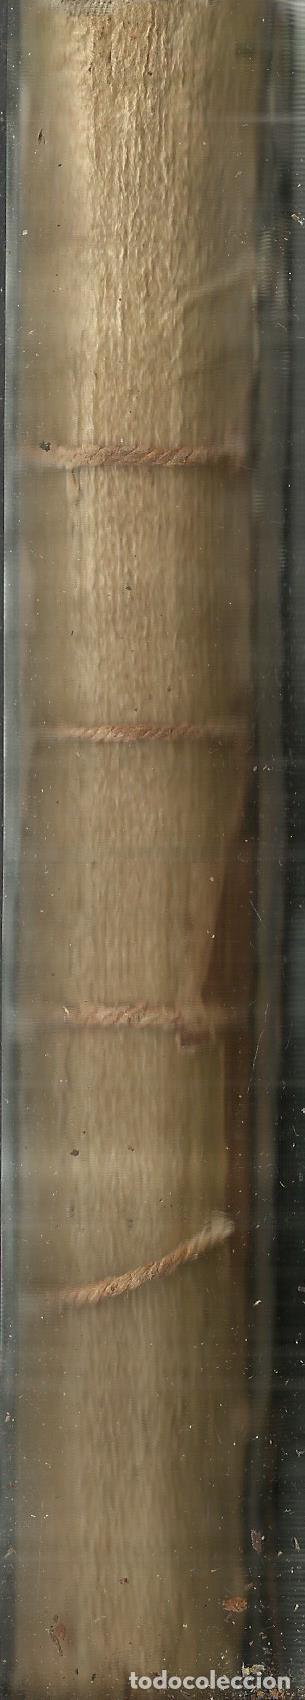 Libros antiguos: HISTORIA GENERAL DE ESPAÑA. TOMO 22. MODESTO LAFUENTE. MONTANER Y SIMÓN EDITORES. BARCELONA. 1890 - Foto 2 - 61714620